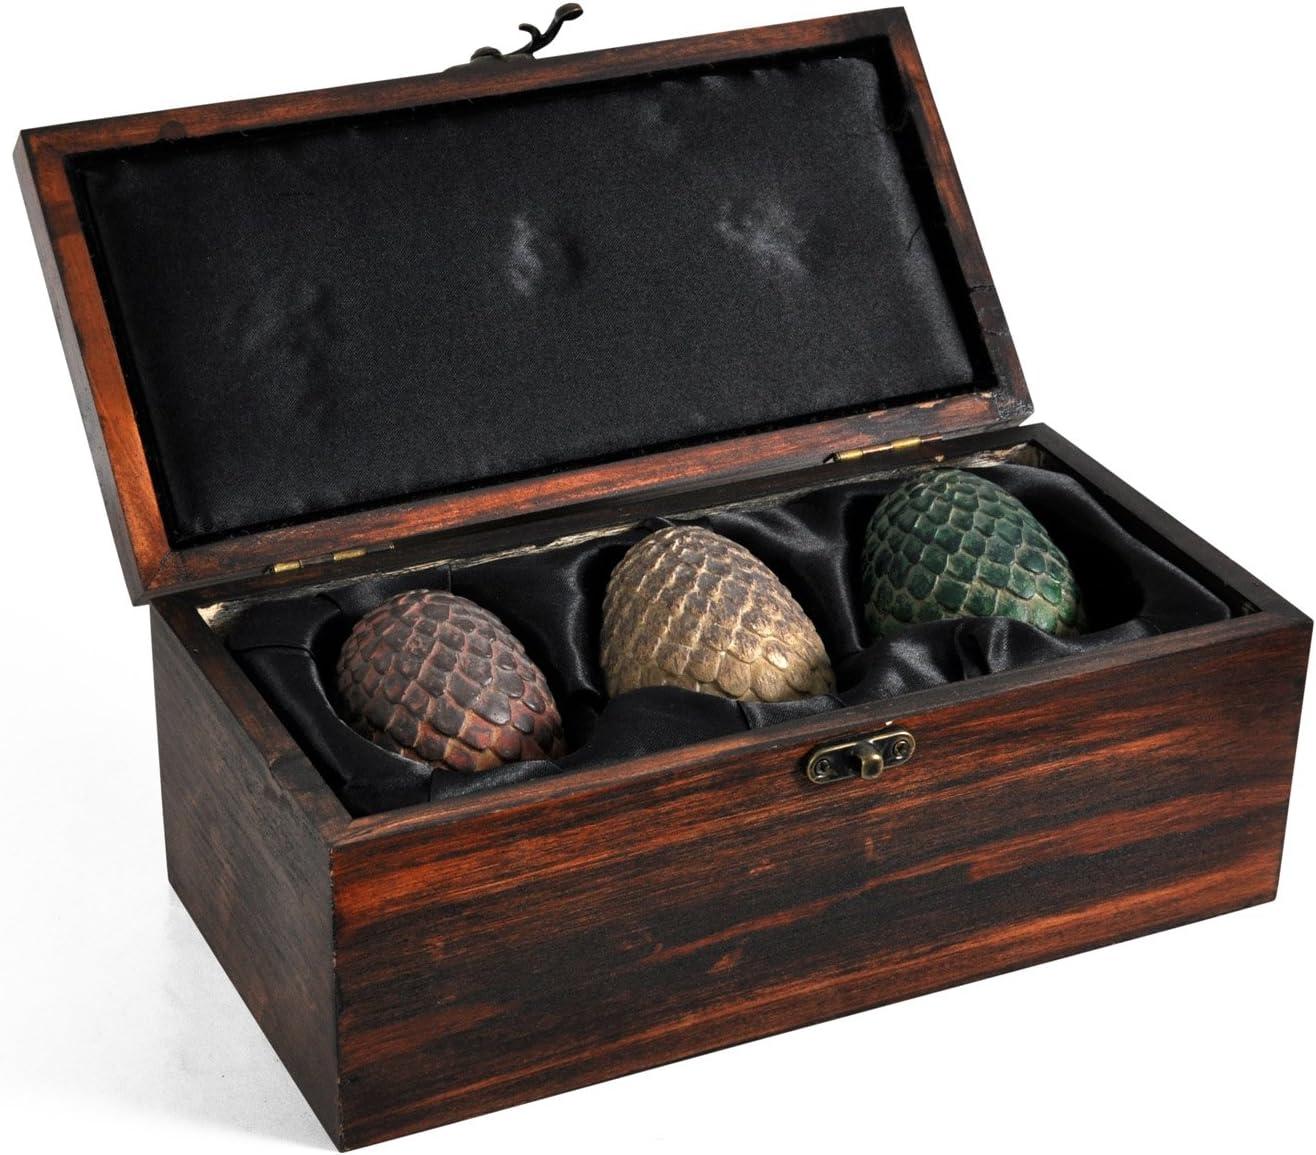 Game of Thrones - Juego de tronos - Cofre con 3 huevos de dragón de Daenerys Targaryen - Merchandising oficial de Game of Thrones Serie Tv: Amazon.es: Juguetes y juegos